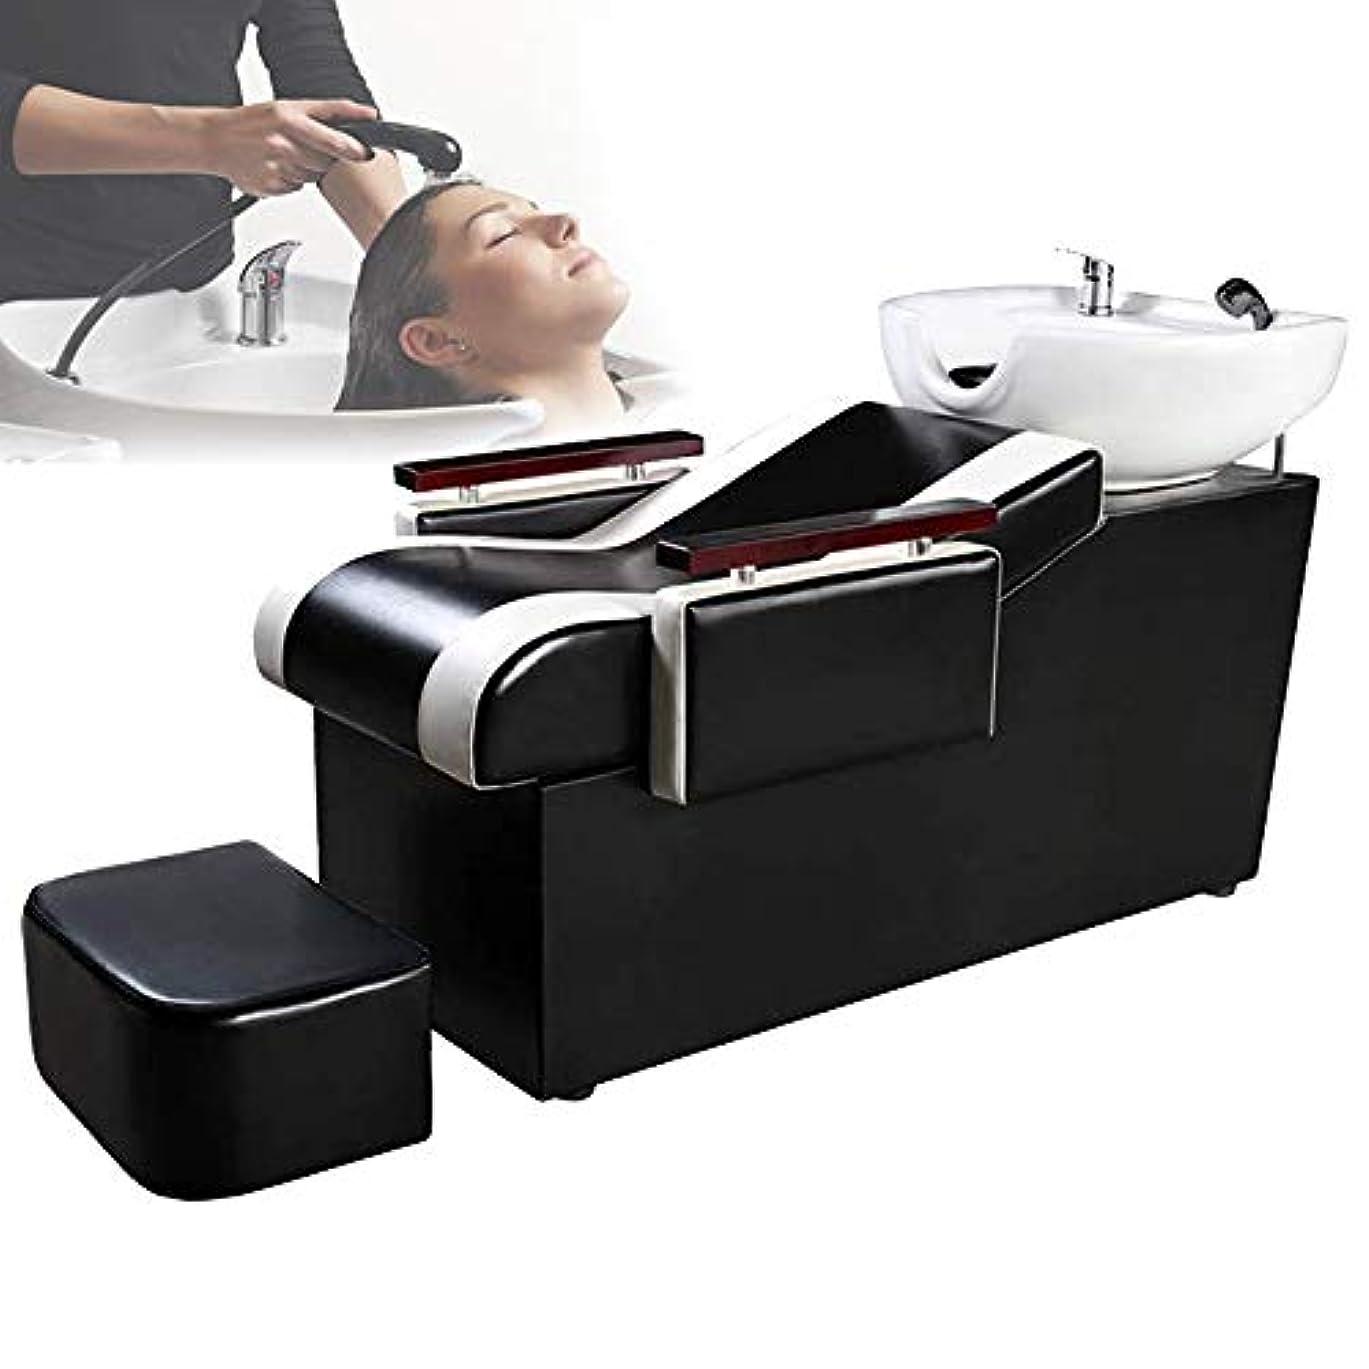 ロードブロッキング倒産さておきシャンプーベッド、バックウォッシュユニットシャンプーボウル理髪用シンクチェアスパ用美容院用機器シャンプーベッド(黒)